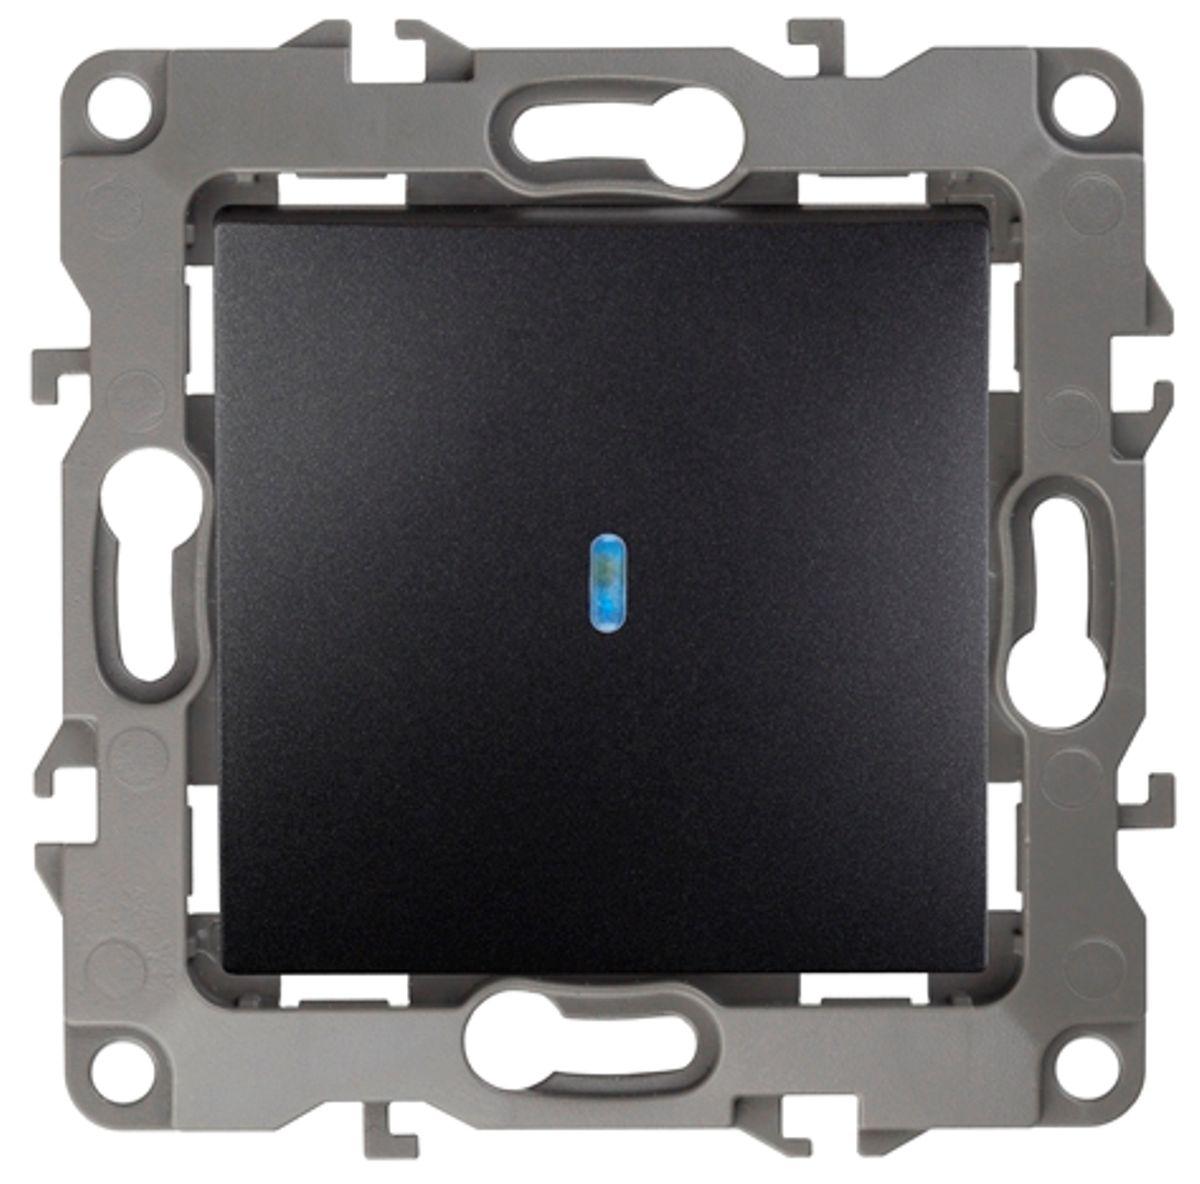 Выключатель ЭРА, с подсветкой, цвет: антрацит, серый. 12-110212-1102-05Выключатель ЭРА выполнен из прочного пластика, контакты бронзовые. Световой индикатор на клавише поможет вам разглядеть выключатель даже в темноте. Изделие просто в установке, надежно в эксплуатации. Выключатель имеет специальные фиксаторы, которые не дают ему смещаться как при монтаже, так и в процессе эксплуатации. Автоматические зажимы кабеля обеспечивают быстрый и надежный монтаж изделия к электросети без отвертки и не требуют обслуживания в отличие от винтовых зажимов.